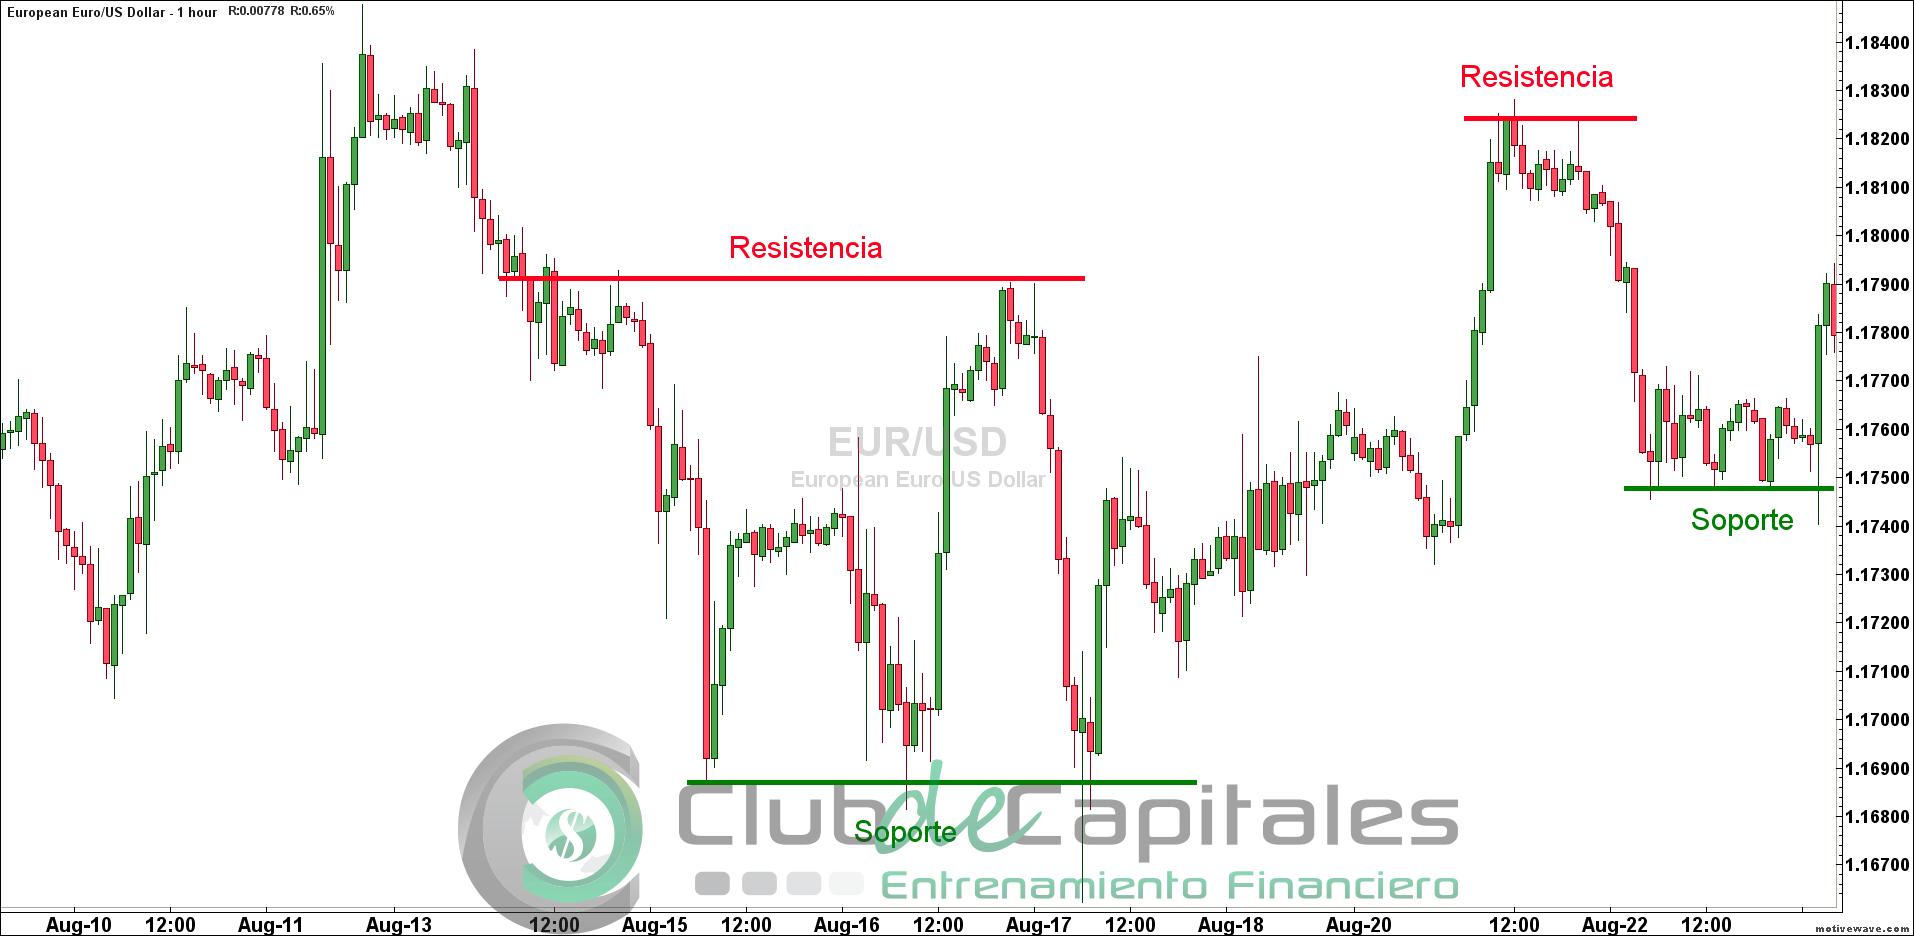 EUR/USD: Análisis técnico y niveles cruciales de soporte y resistencia Por Diego Colman, Analista de Mercados Análisis fundamental.